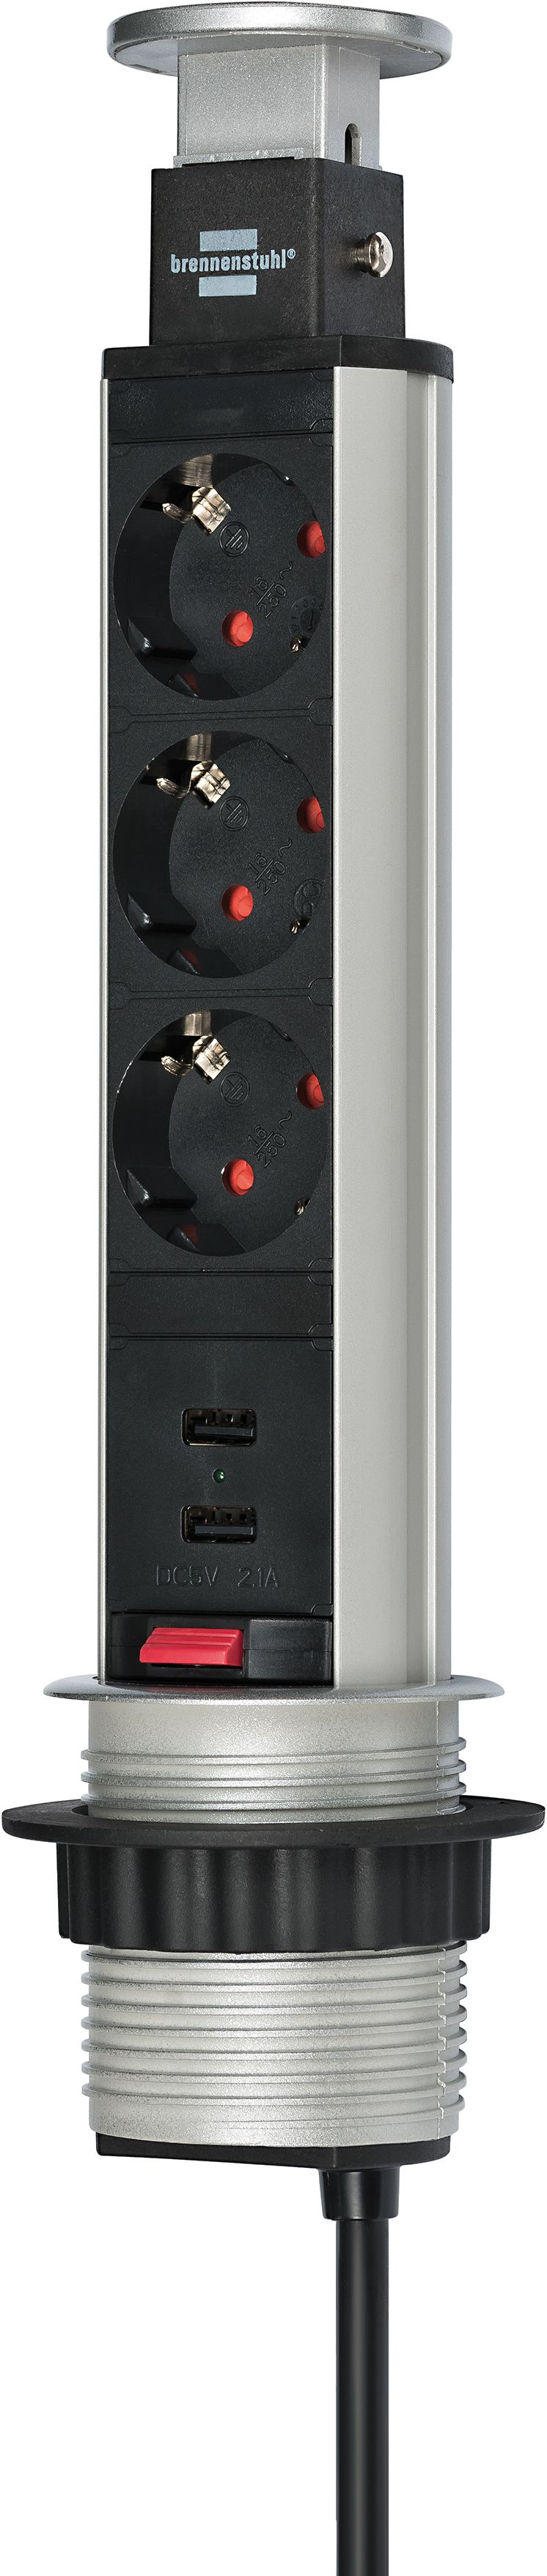 Tower Power USB-Charger Tischsteckdosenleiste 3-fach mit 2 USB Ladebuchsen 2m H05VV-F 3G1,5, in Tischplatte versenkbar 1/Stck ,L